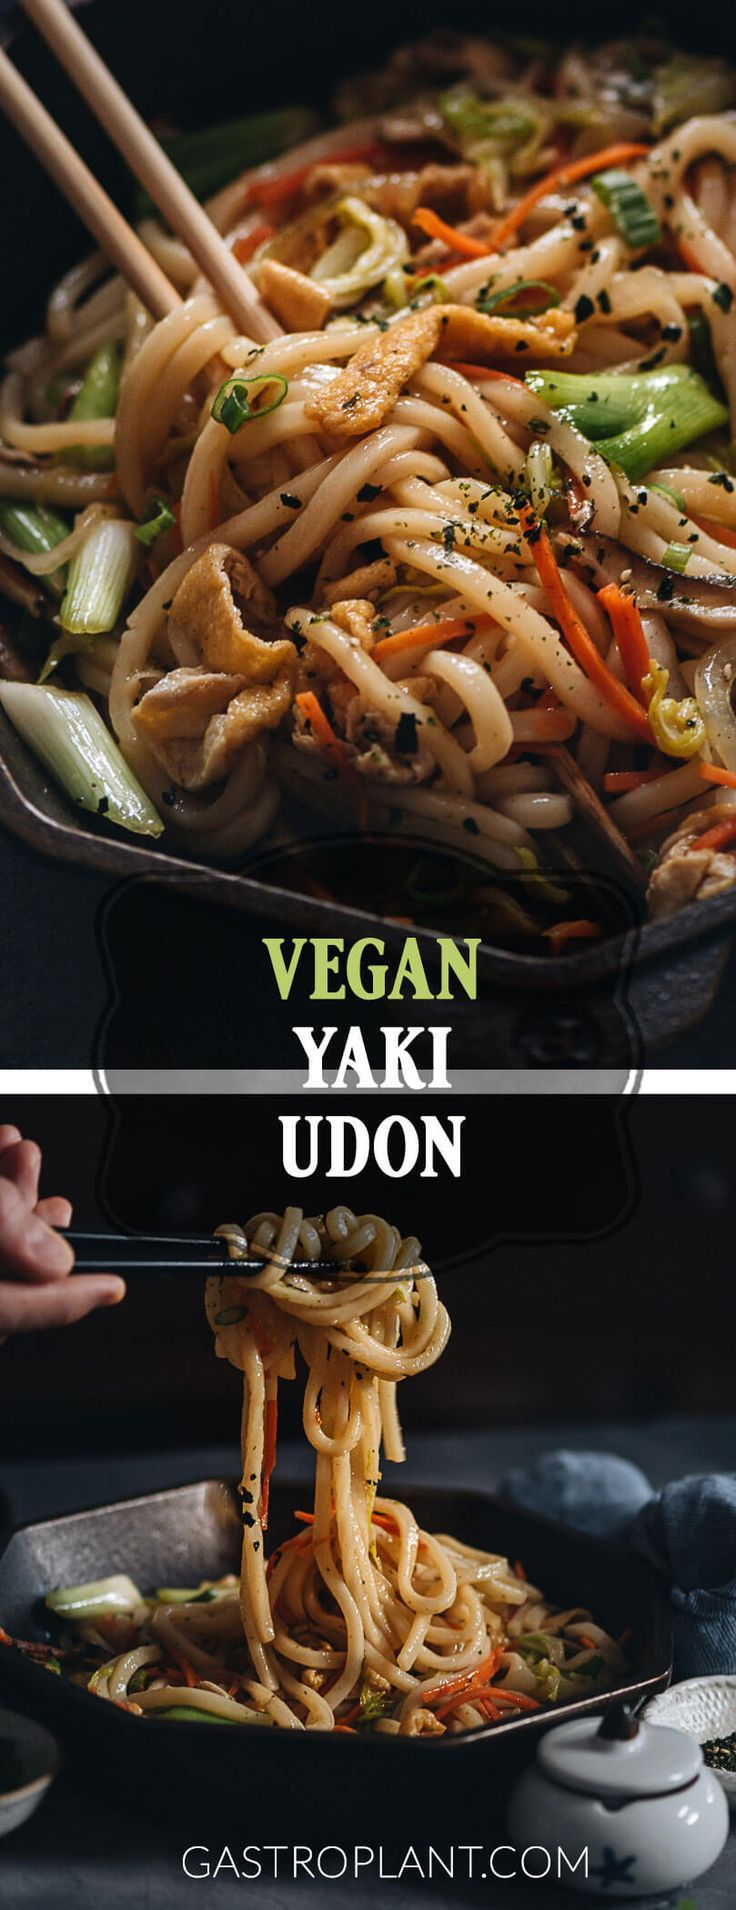 Vegan Yaki Udon | Nouilles épaisses et tendres, légumes assortis et champignons shiitake ...,  #asso...